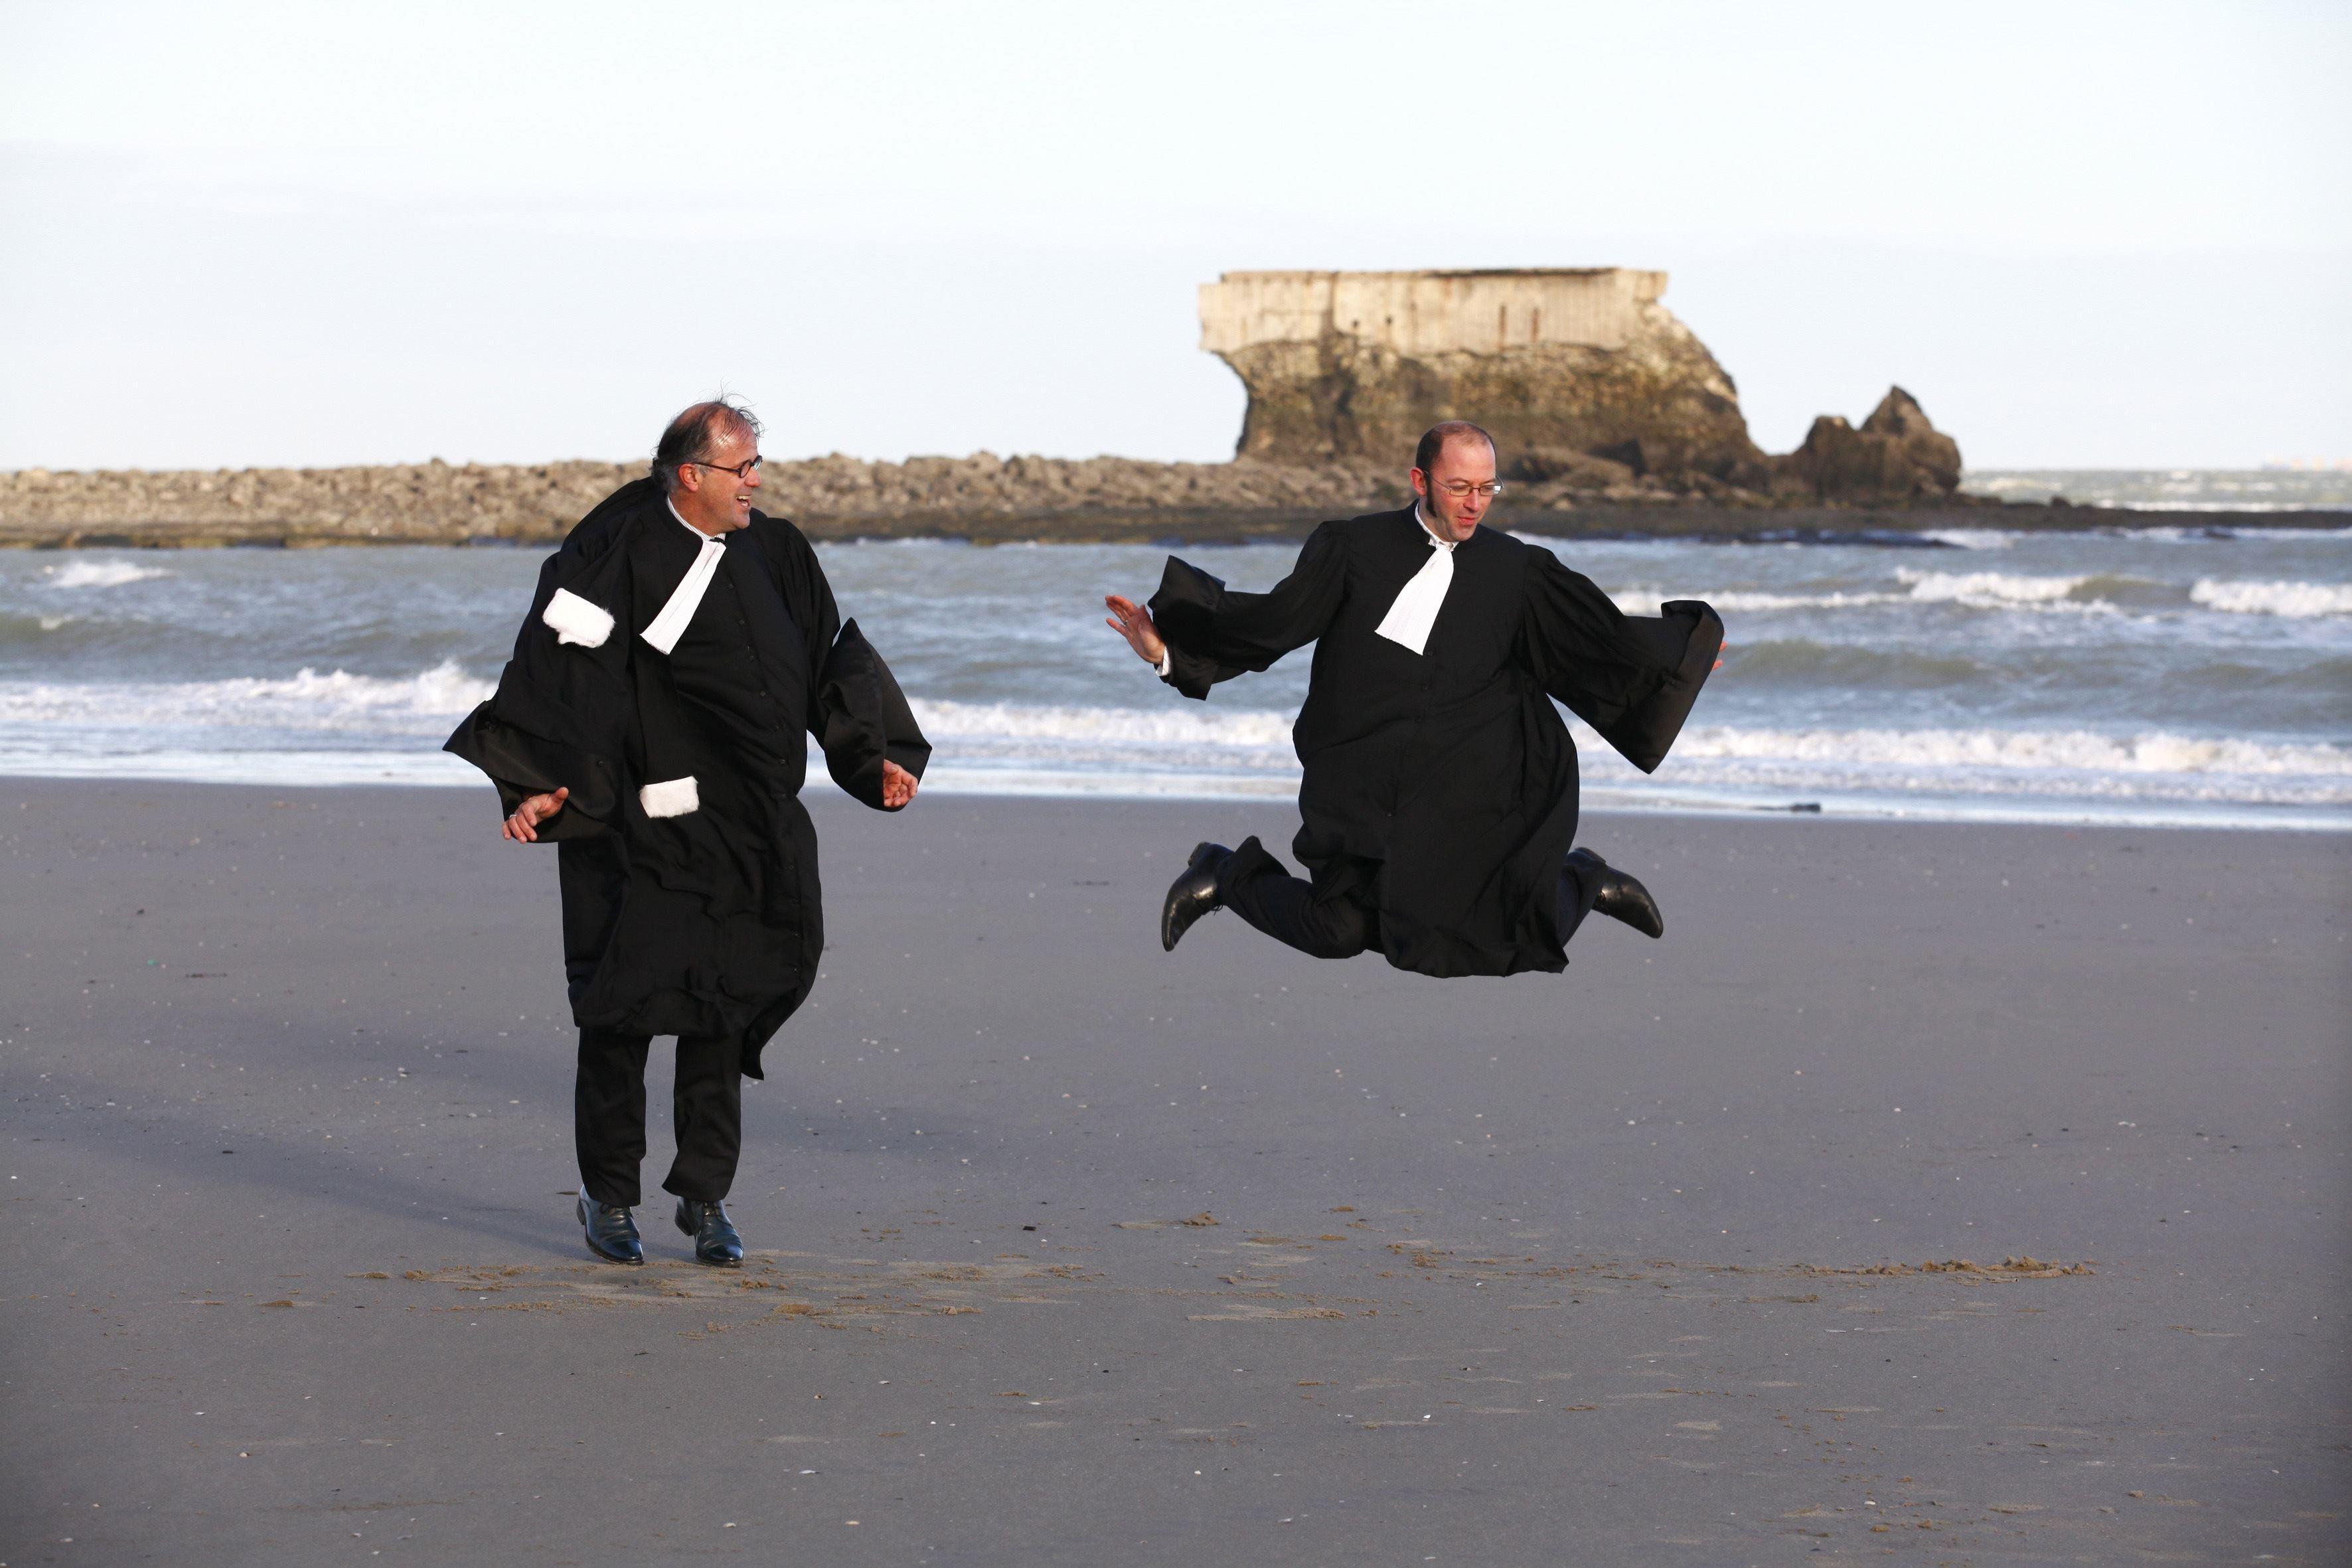 RIRE EN SEINE : Maître Fendard, on a volé le château de sable, 2ème ! - samedi 06 octobre